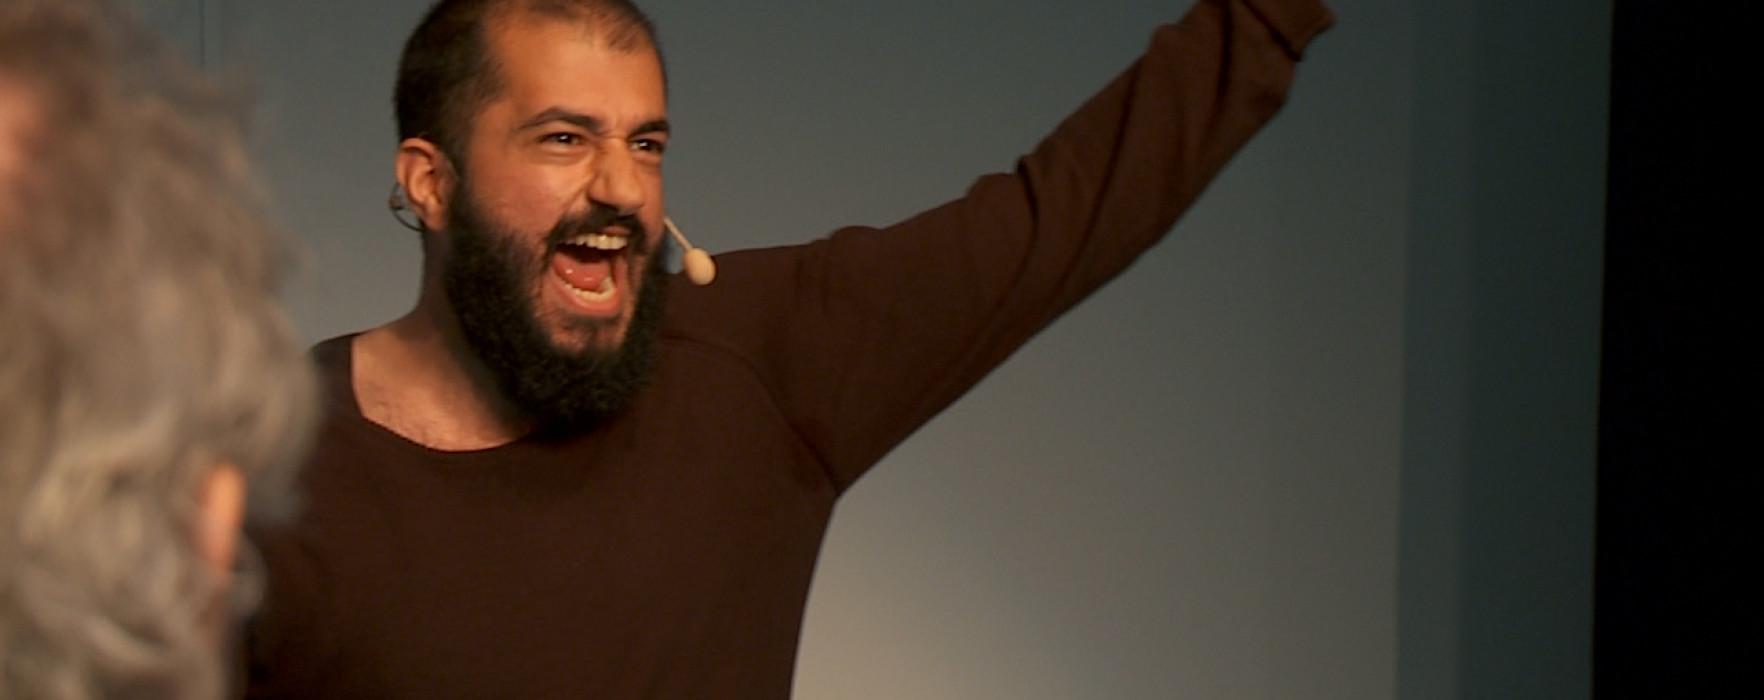 Glimt – Milad Mohammadi på Expand 2014